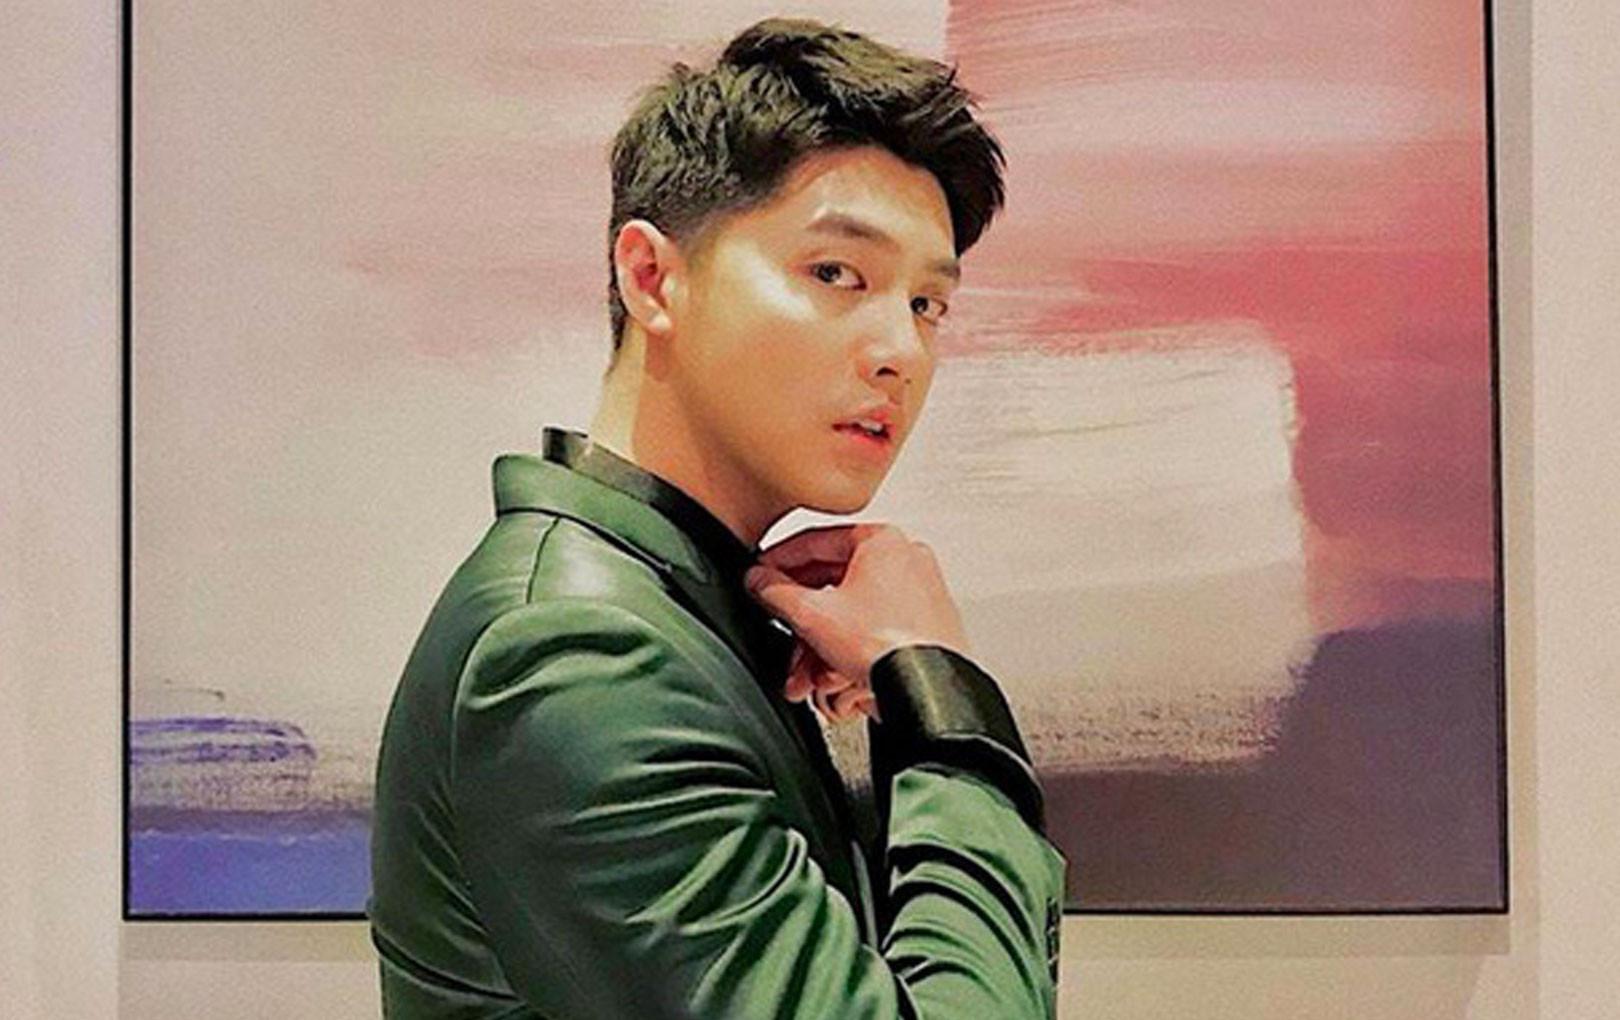 Noo Phước Thịnh là đại diện Việt Nam duy nhất biểu diễn cùng PSY, BoA, NCT127... trước các nguyên thủ quốc gia tại hội nghị ở Hàn Quốc